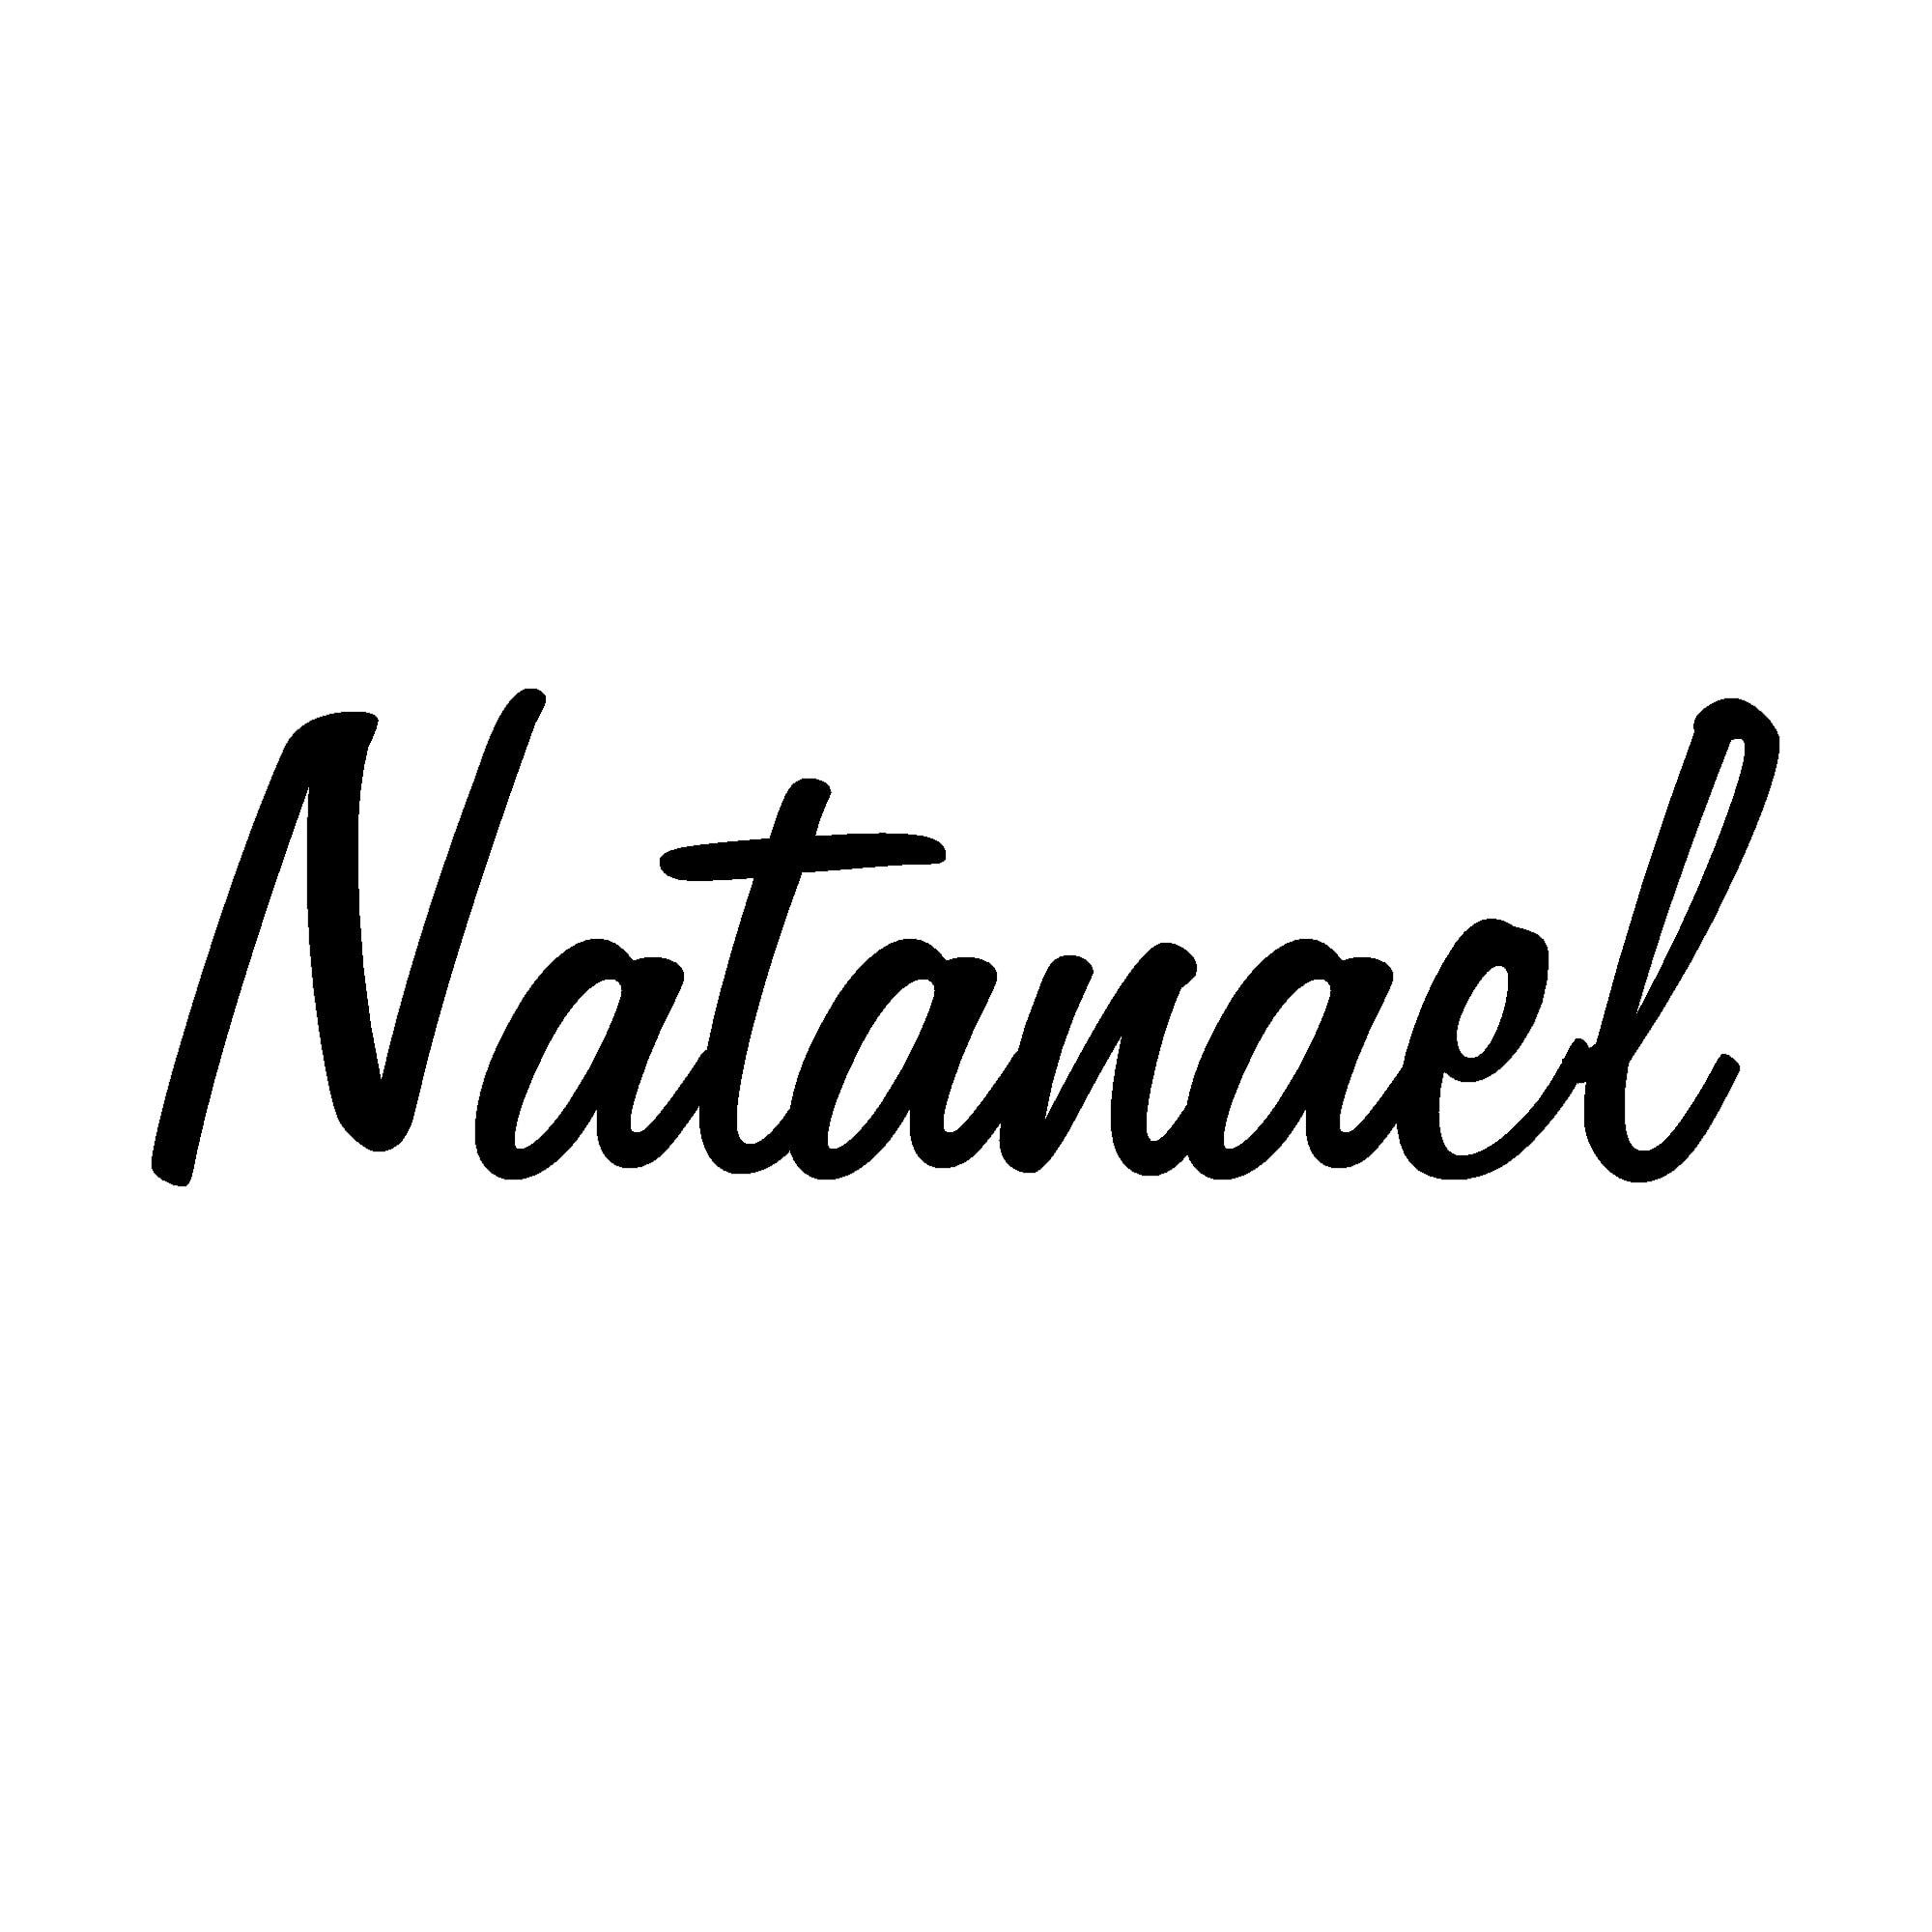 Go to Natanael Melchor's profile